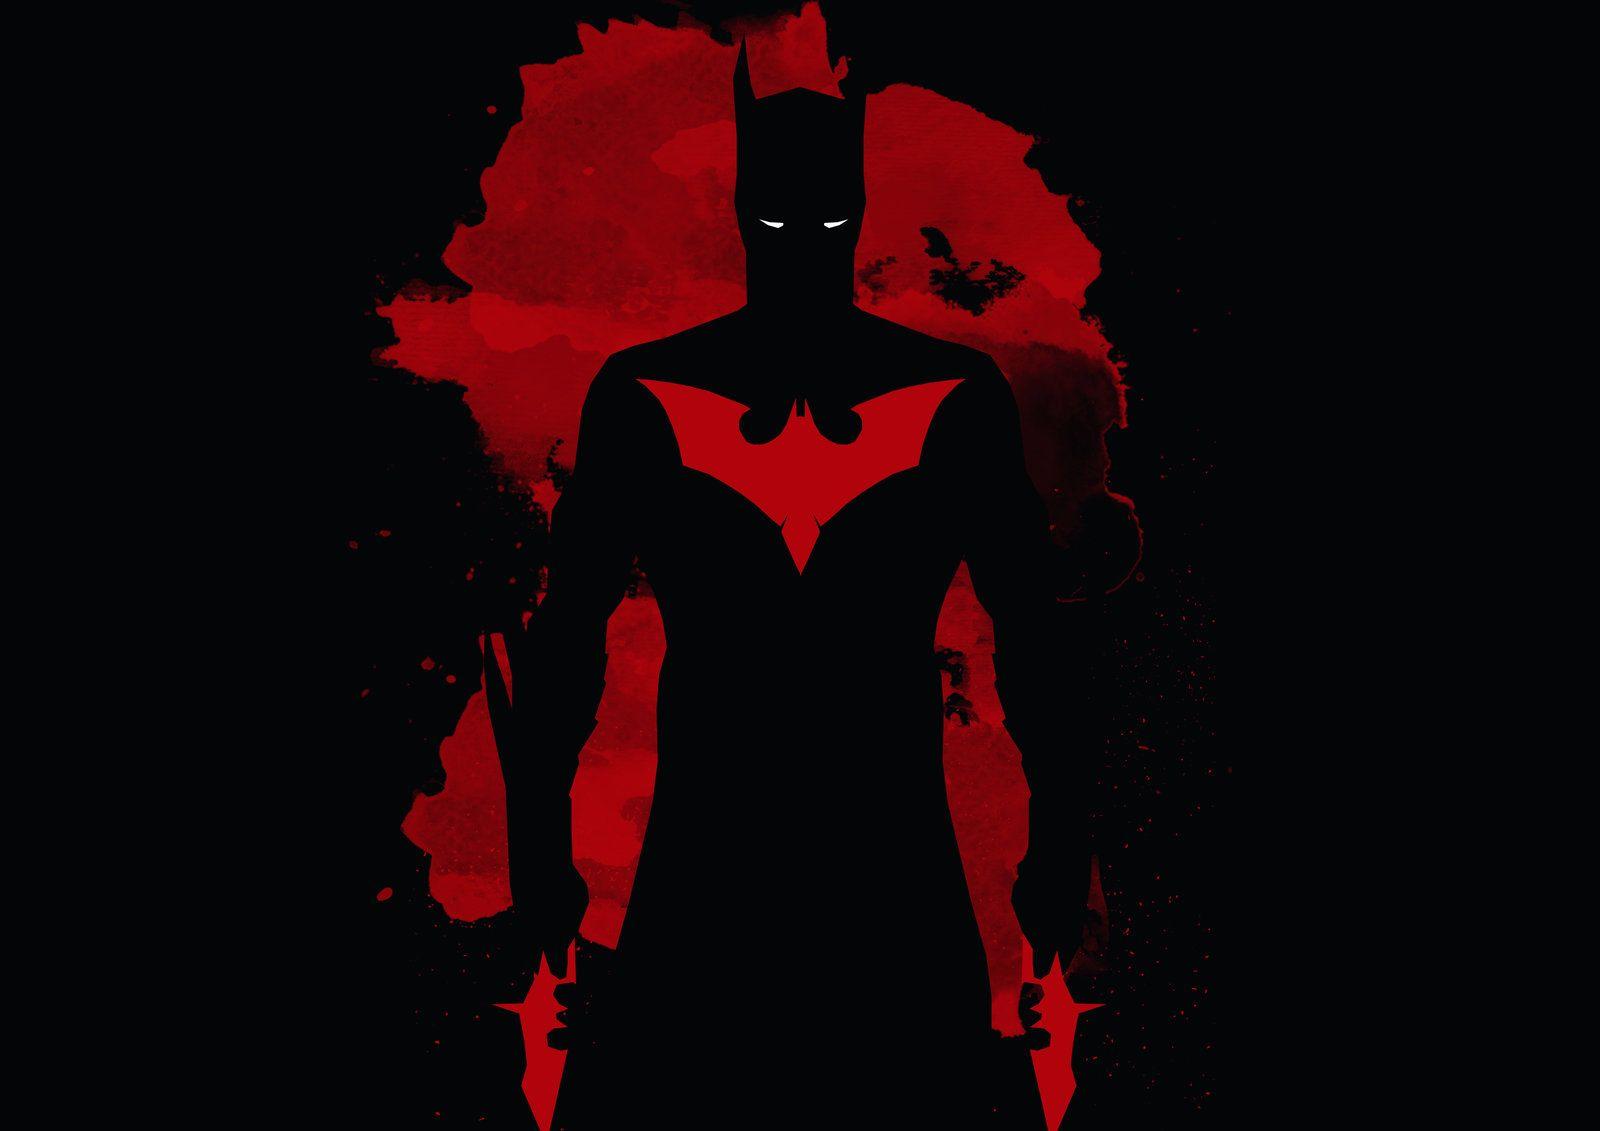 Batman Beyond Wallpapers - Wallpaper Cave  Batman Beyond Logo Wallpaper Hd